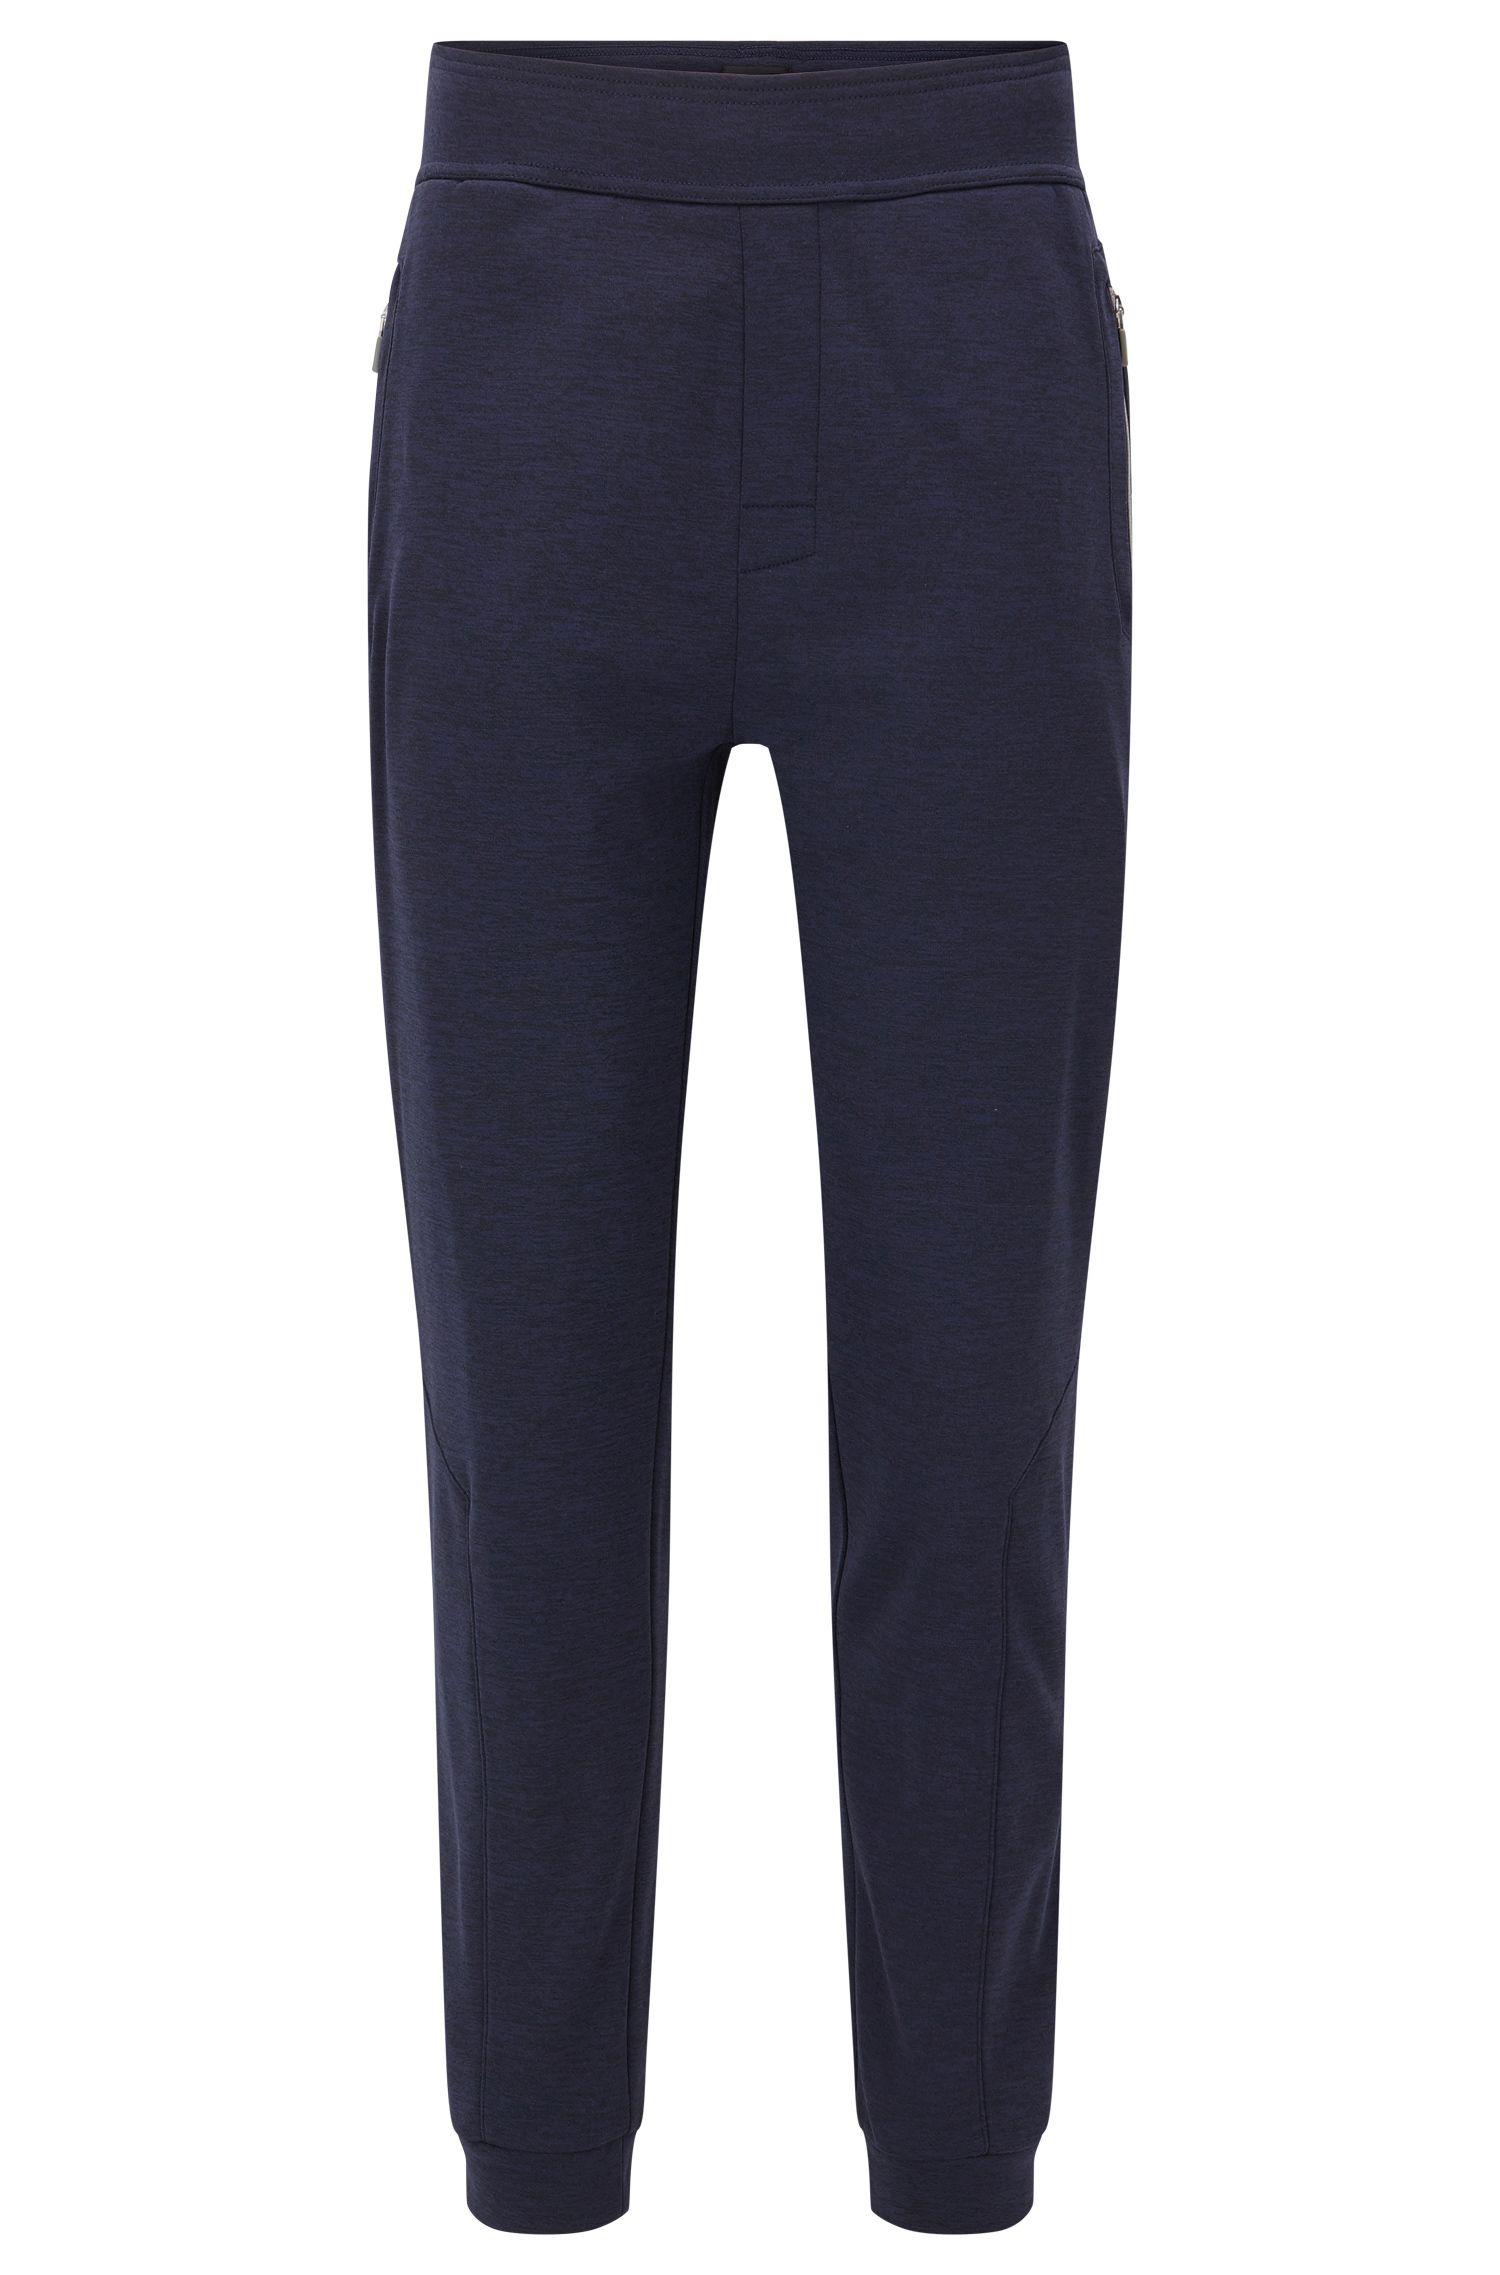 Fleece-lined loungewear trousers in technical fabric